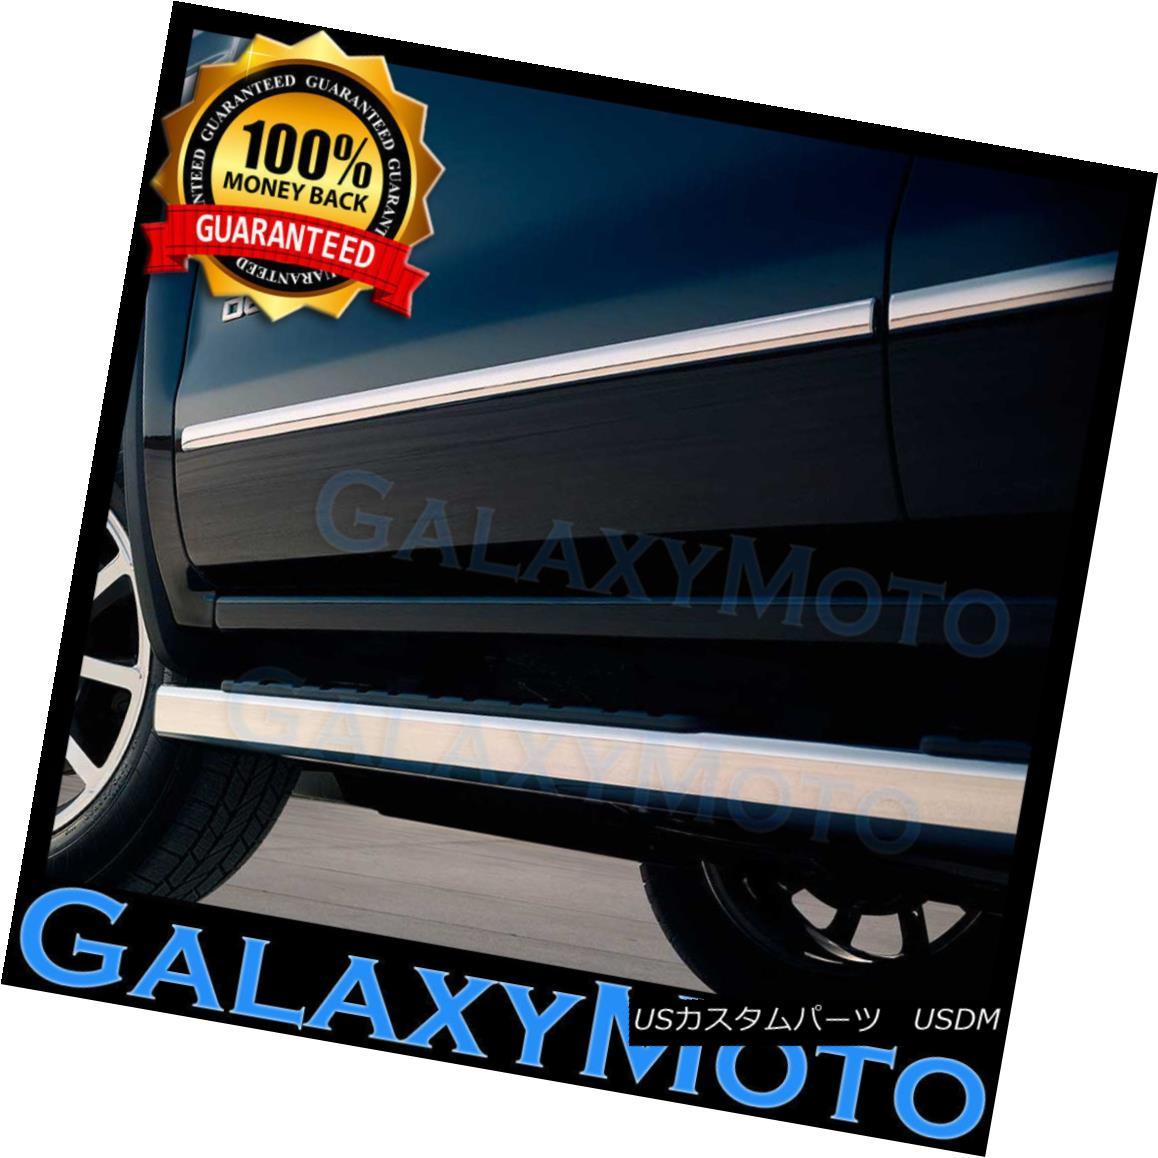 グリル 07-14 Chevy Tahoe SUV 4 Door Chrome Body Side Molding Front+Rear 4pcs Kit Set 07-14 Chevy Tahoe SUV 4ドアクロームボディサイドモールディングフロント+リア4pcsキットセット